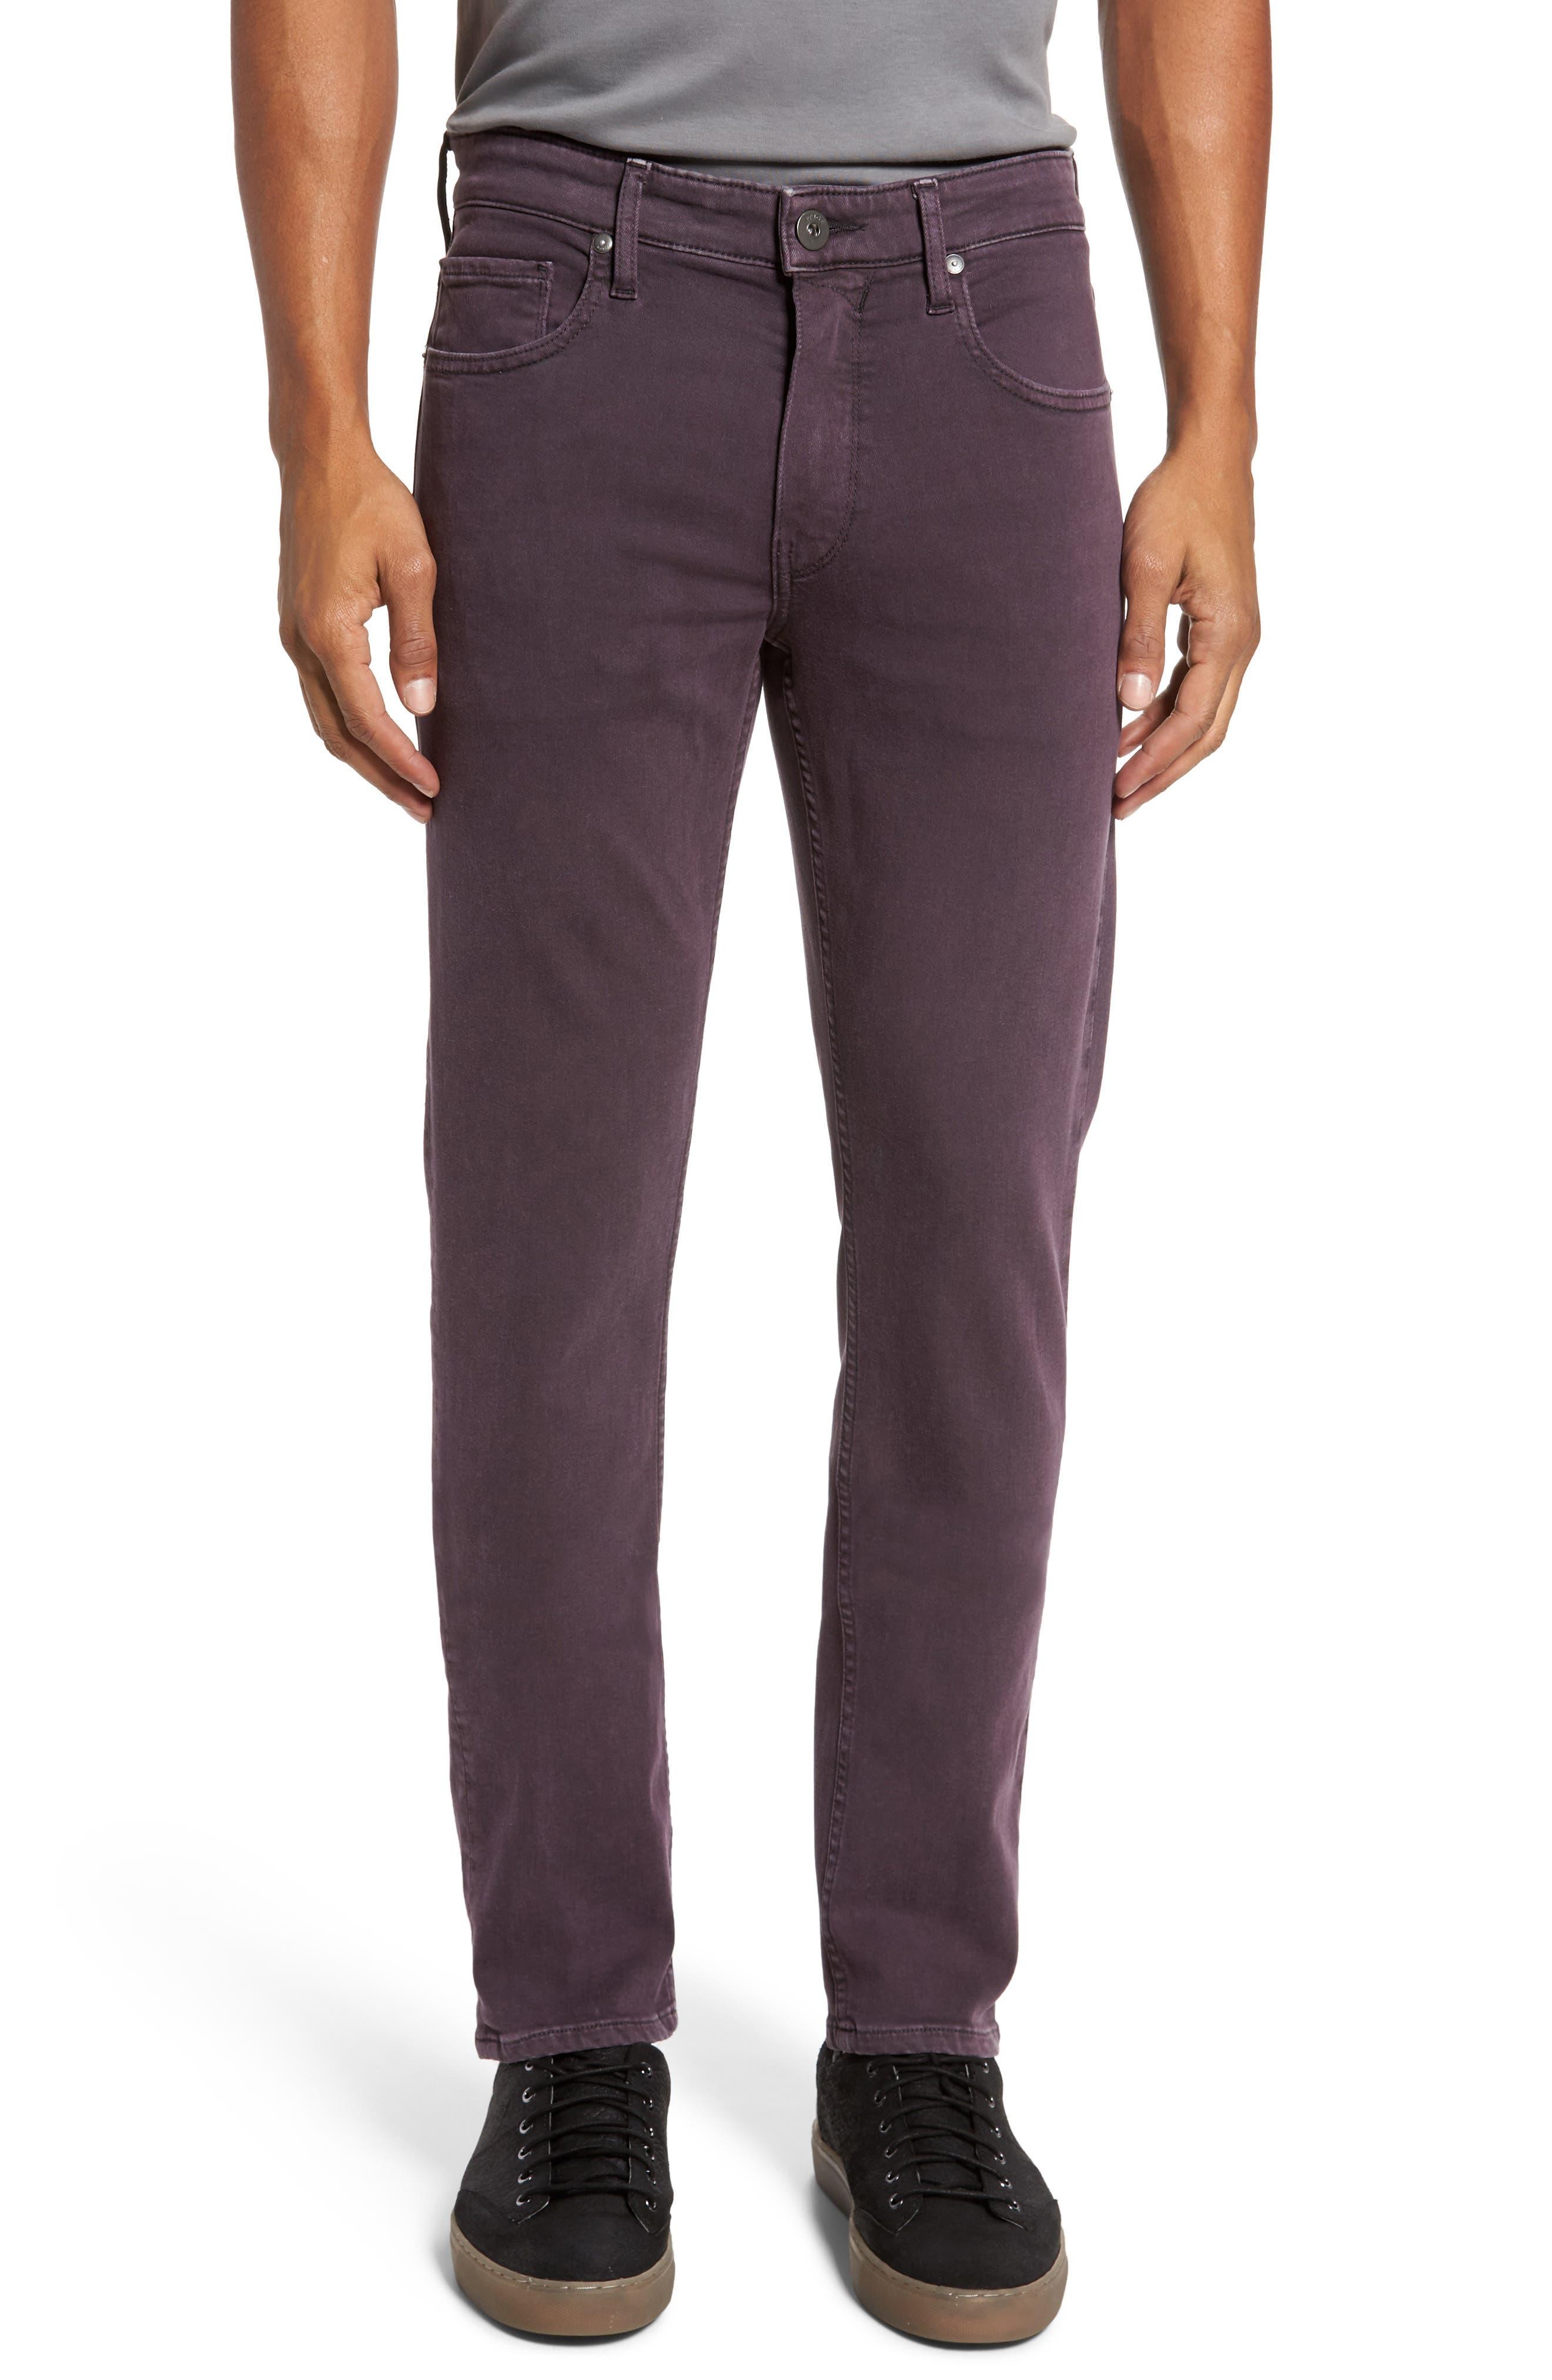 Main Image - PAIGE Transcend - Lennox Slim Fit Jeans (Vintage Port)